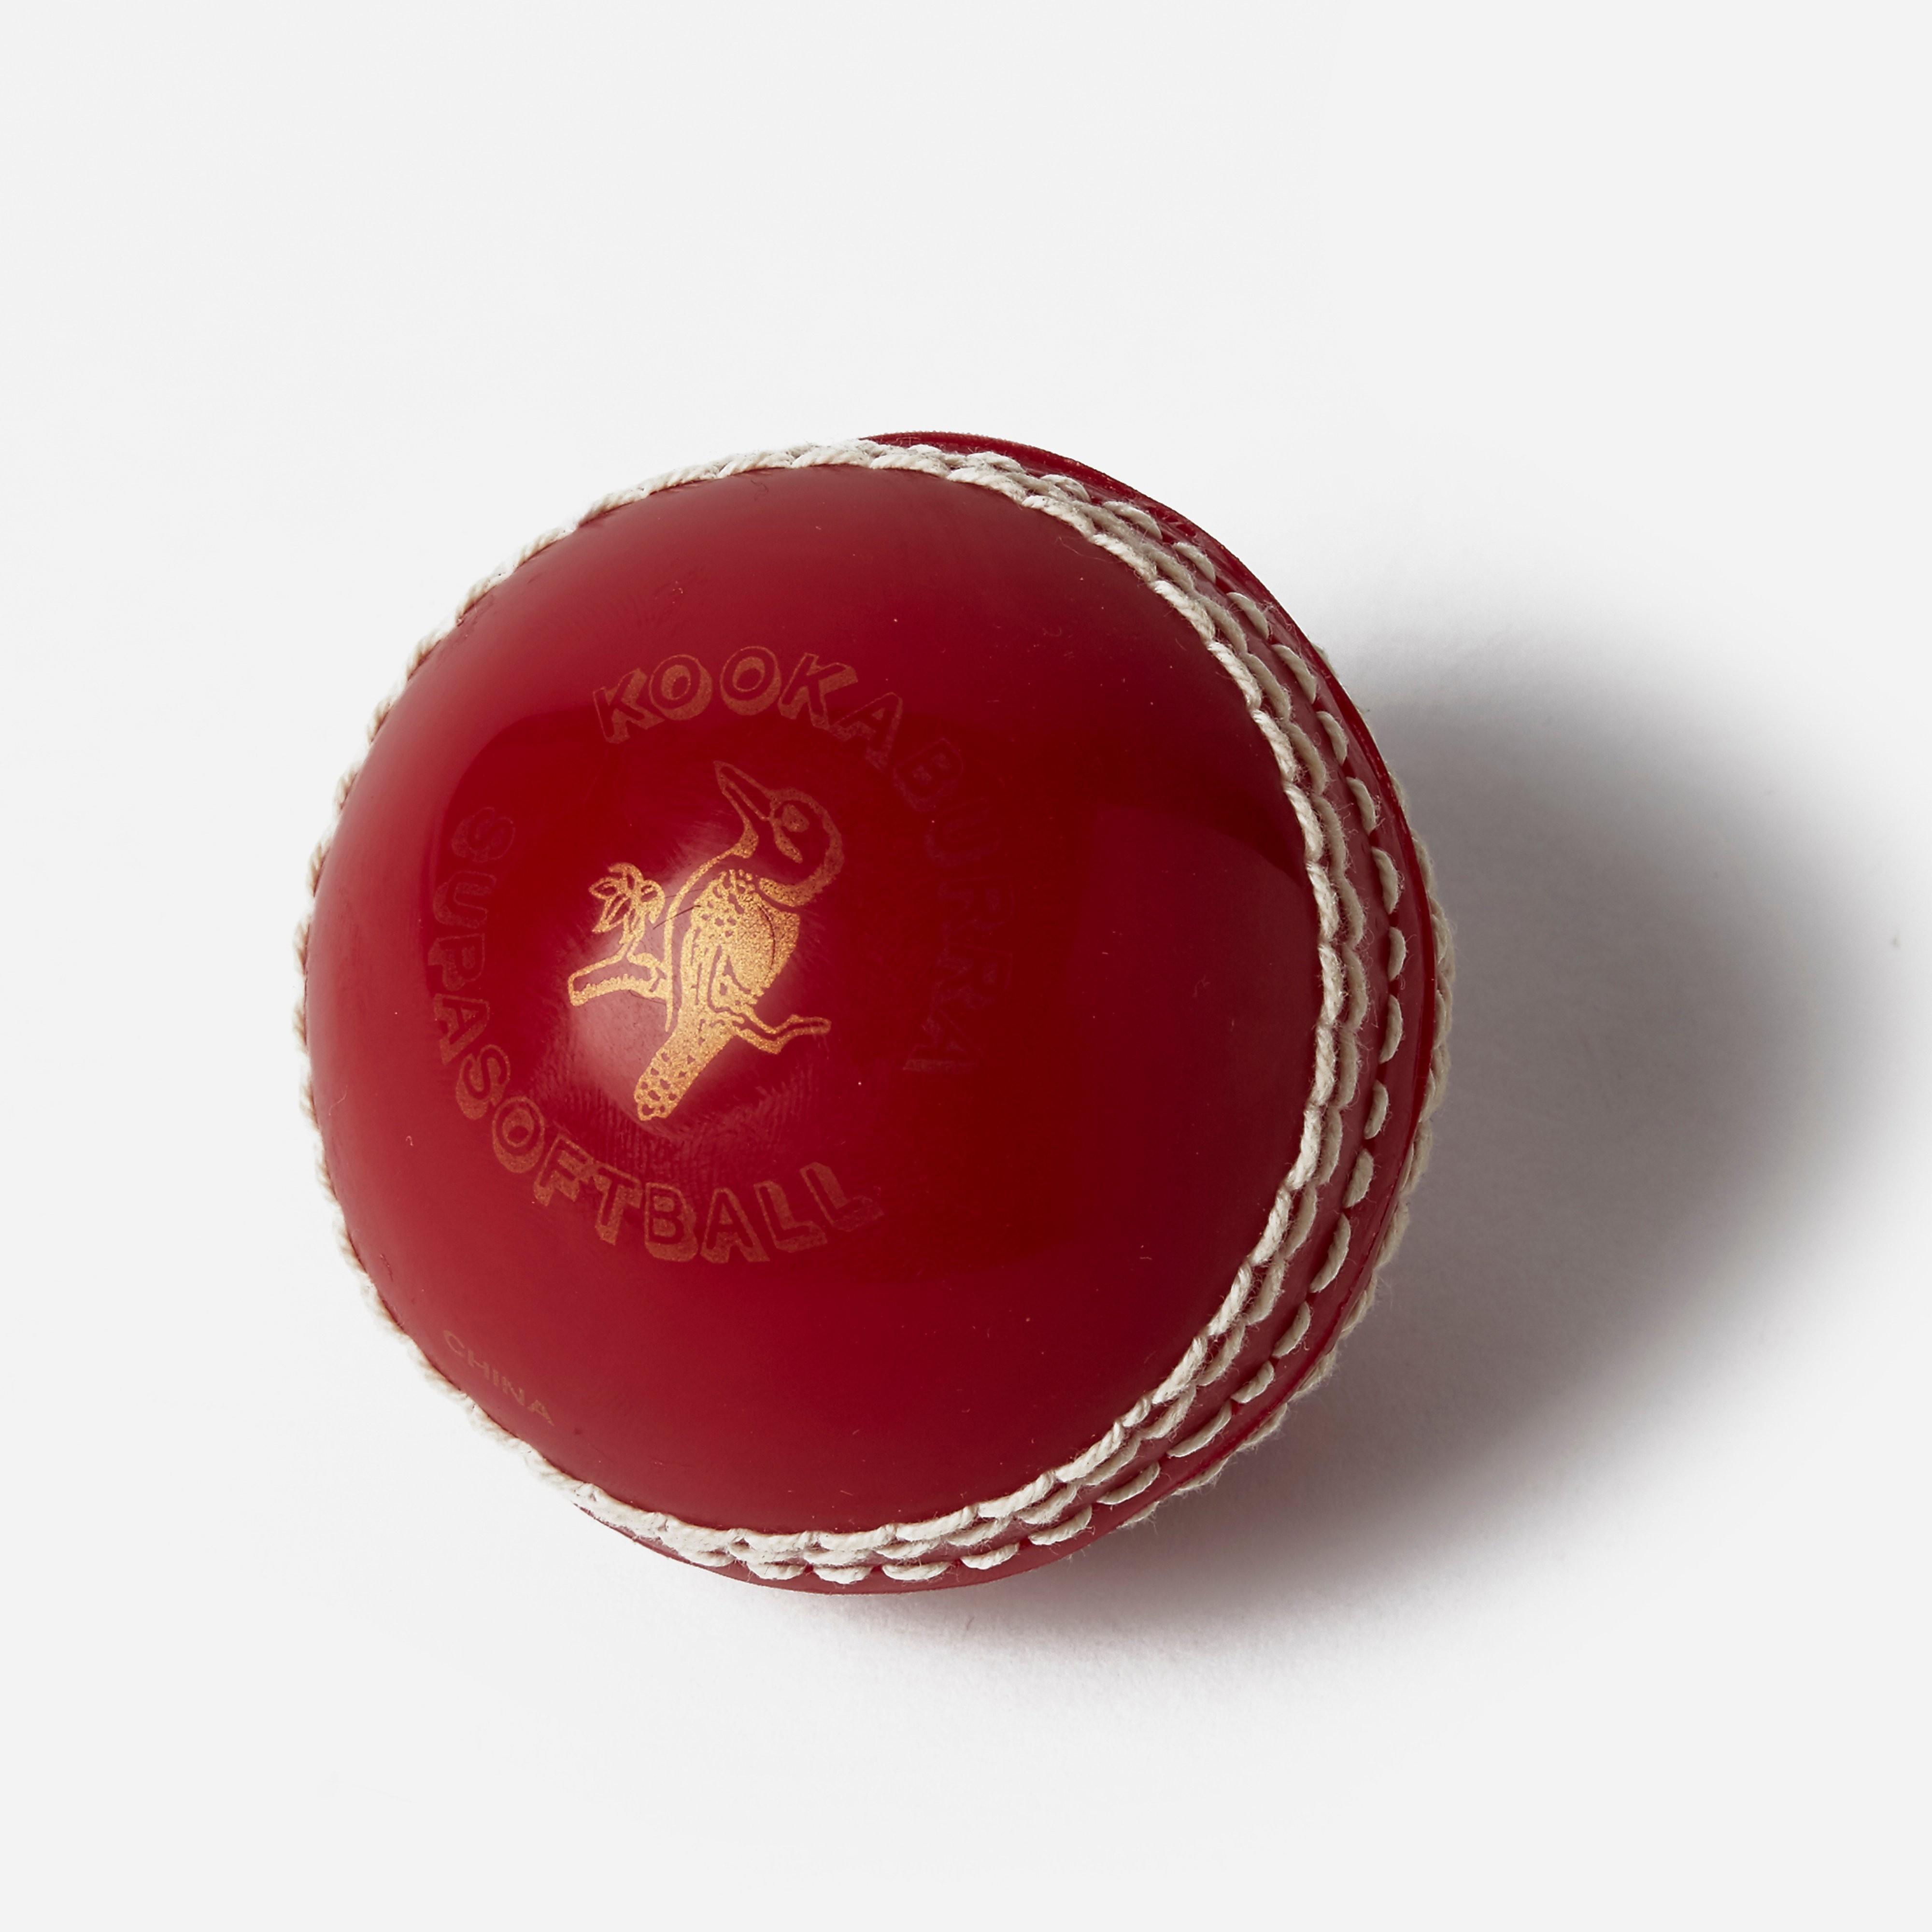 Kookaburra Super Soft Cricket Skill Ball